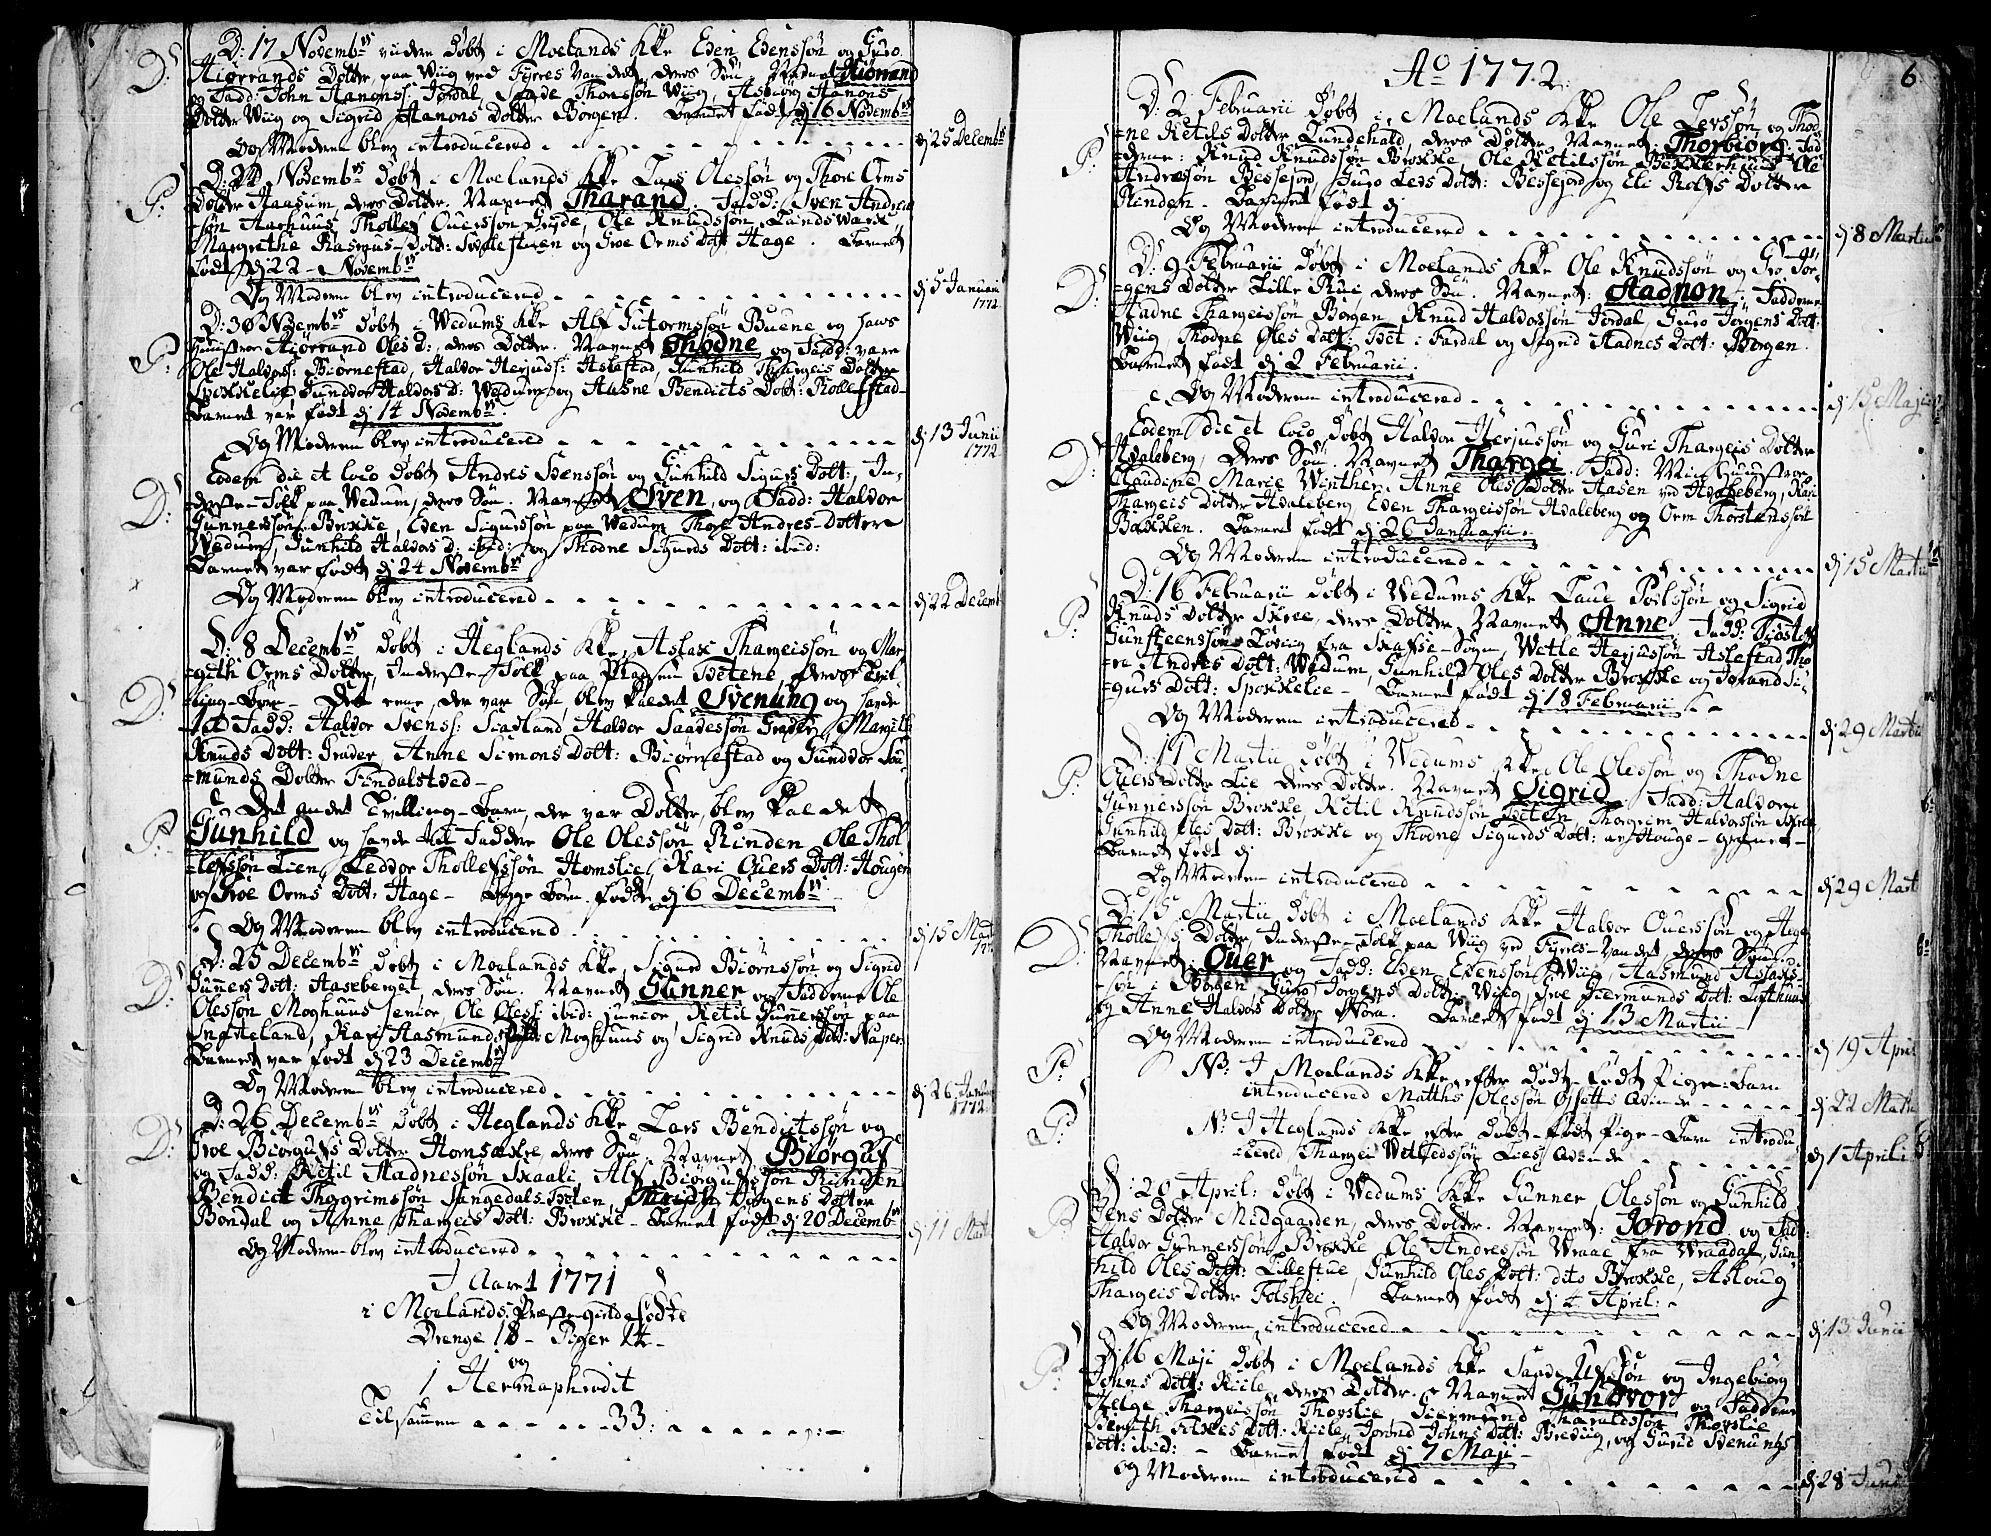 SAKO, Fyresdal kirkebøker, F/Fa/L0002: Ministerialbok nr. I 2, 1769-1814, s. 6